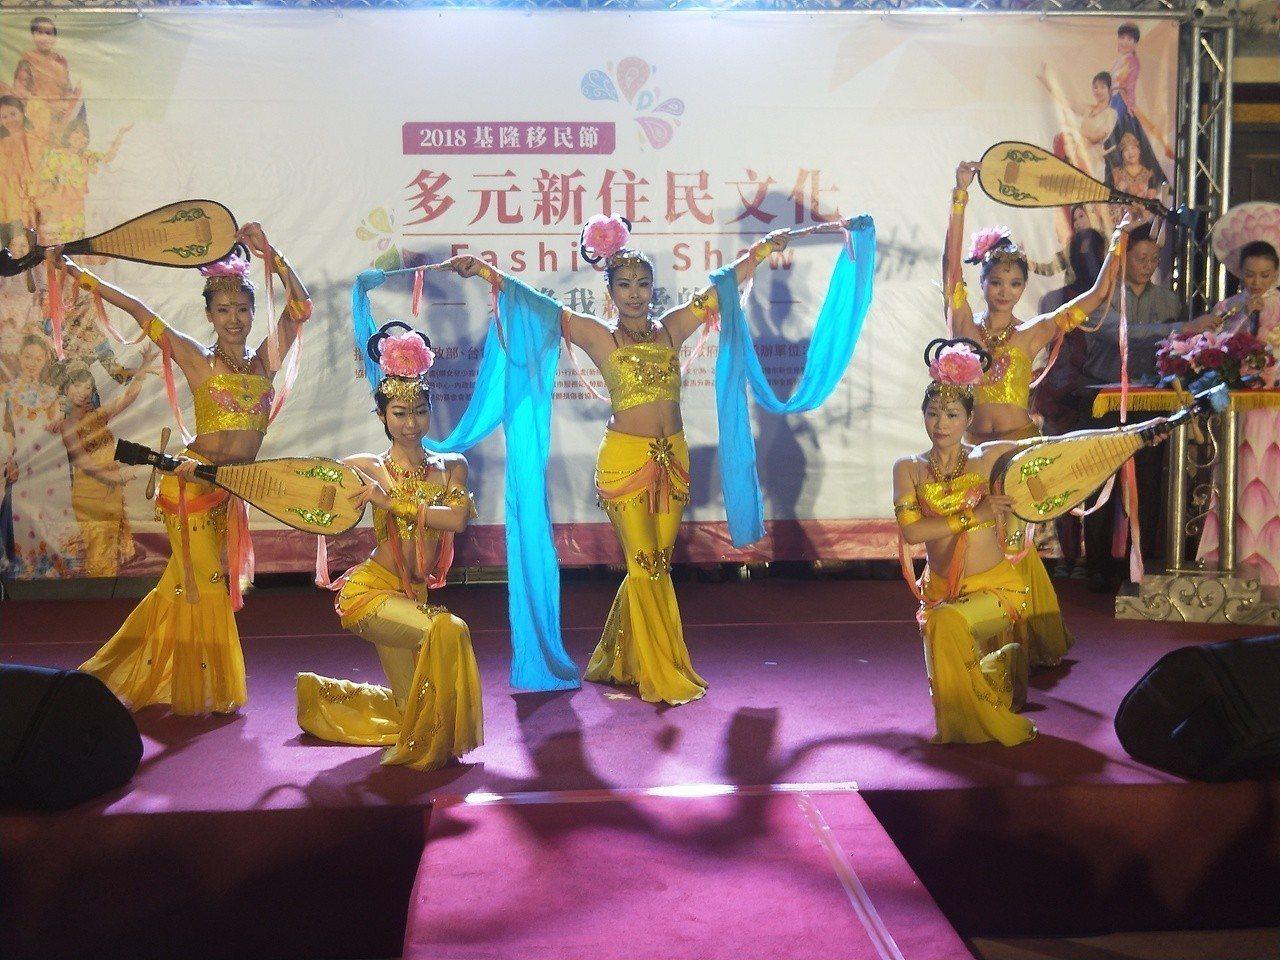 各國精采的傳統服飾走秀、特色舞蹈表演等都讓台下的民眾看得目不暇給。記者游明煌/攝...